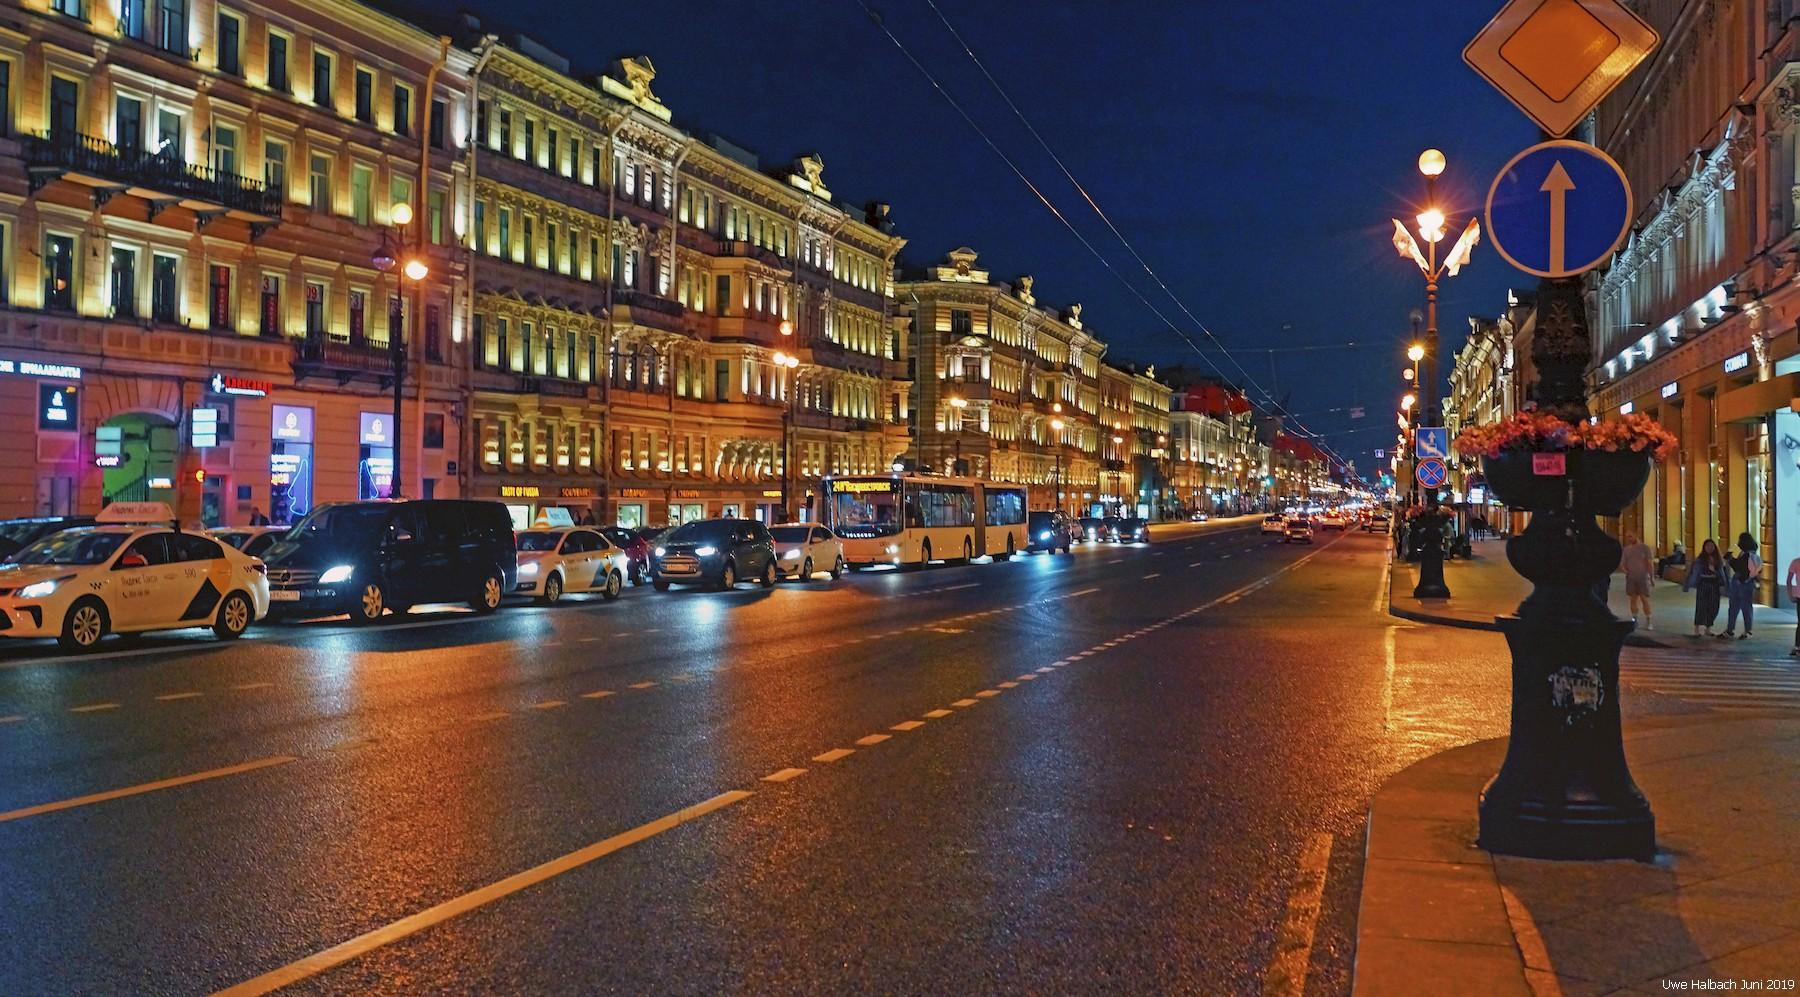 25-Petersburg-abends-1800